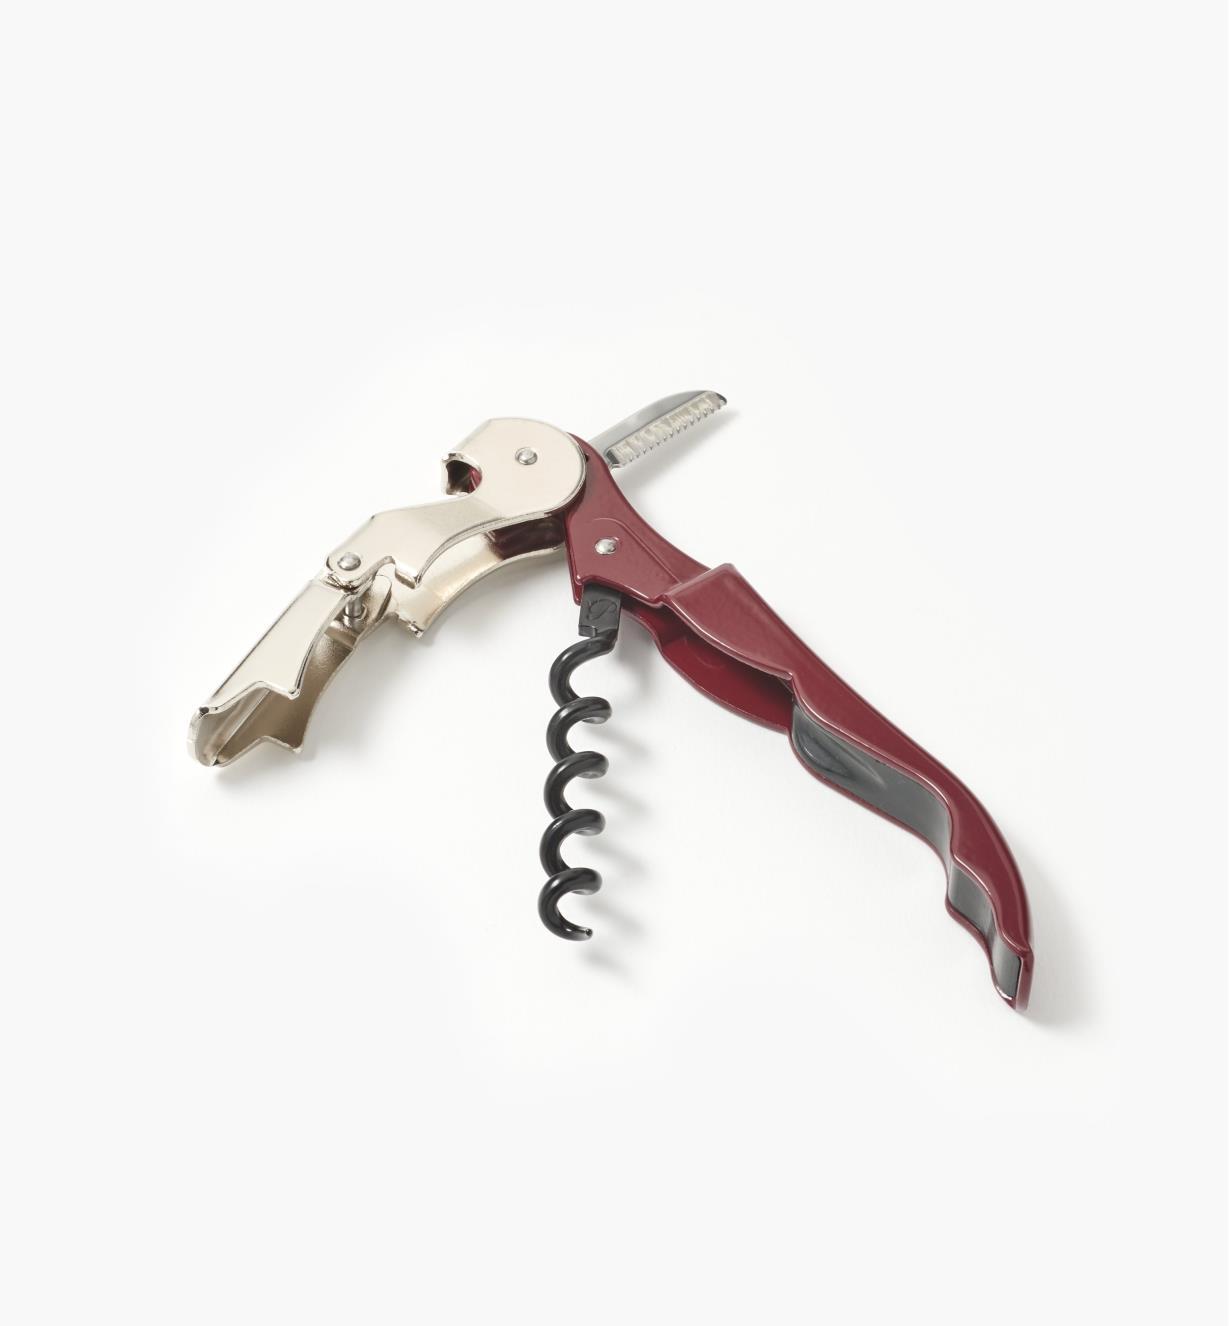 09A0335 - Pulltap Double-Lever Corkscrew